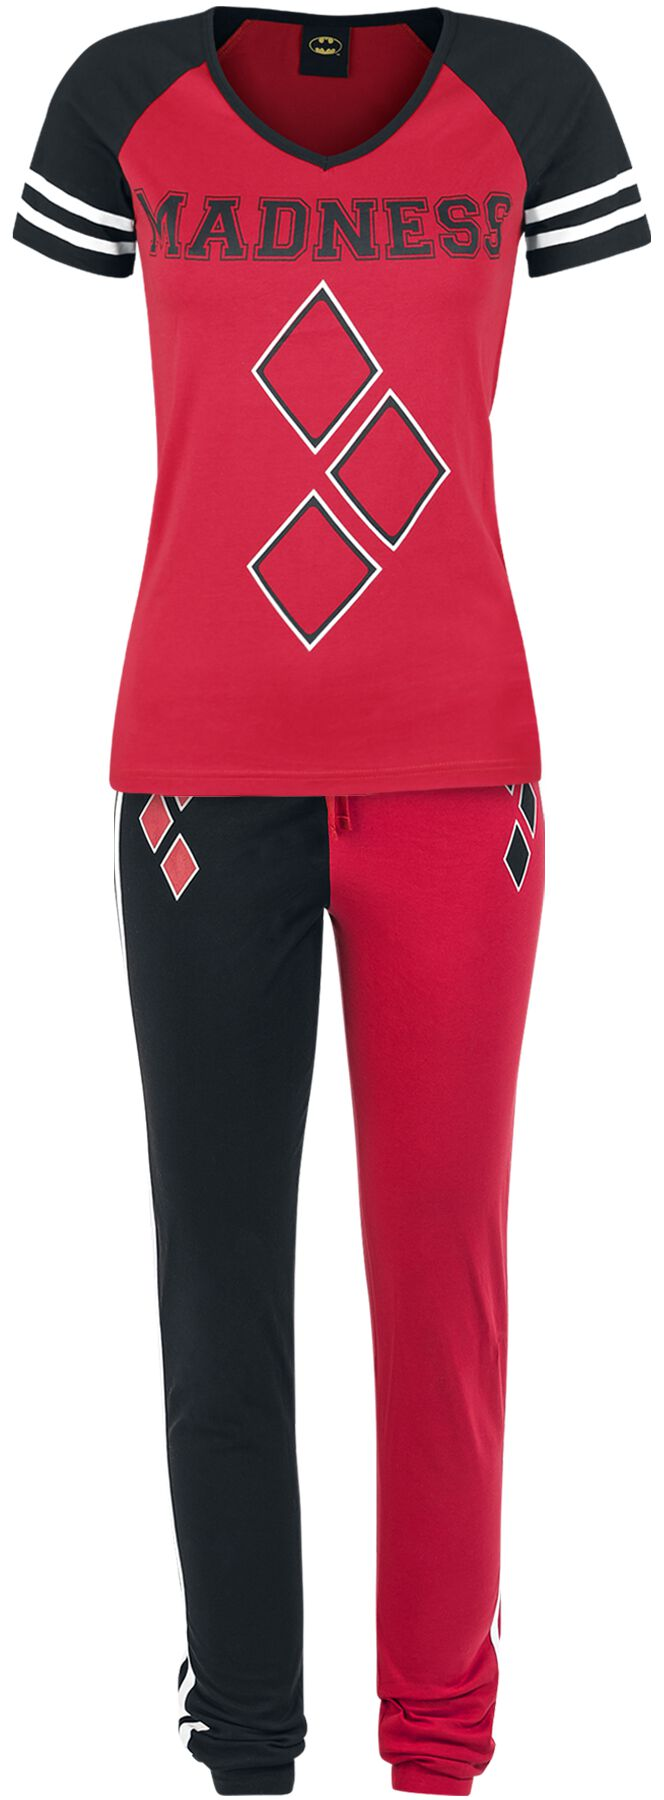 Merch dla Fanów - Do sypialni - Pidżama Harley Quinn Madness Pidżama czarny/czerwony - 345969